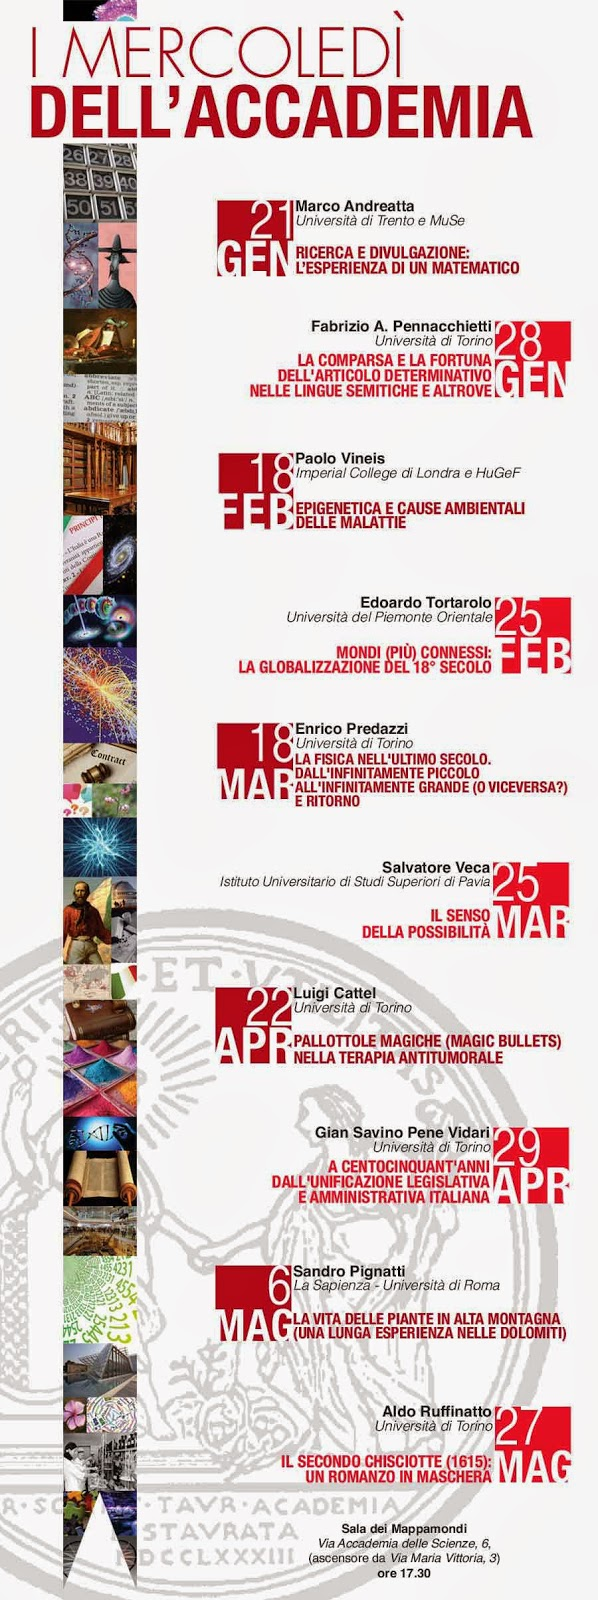 mercoledì dell'Accademia delle Scienze di Torino